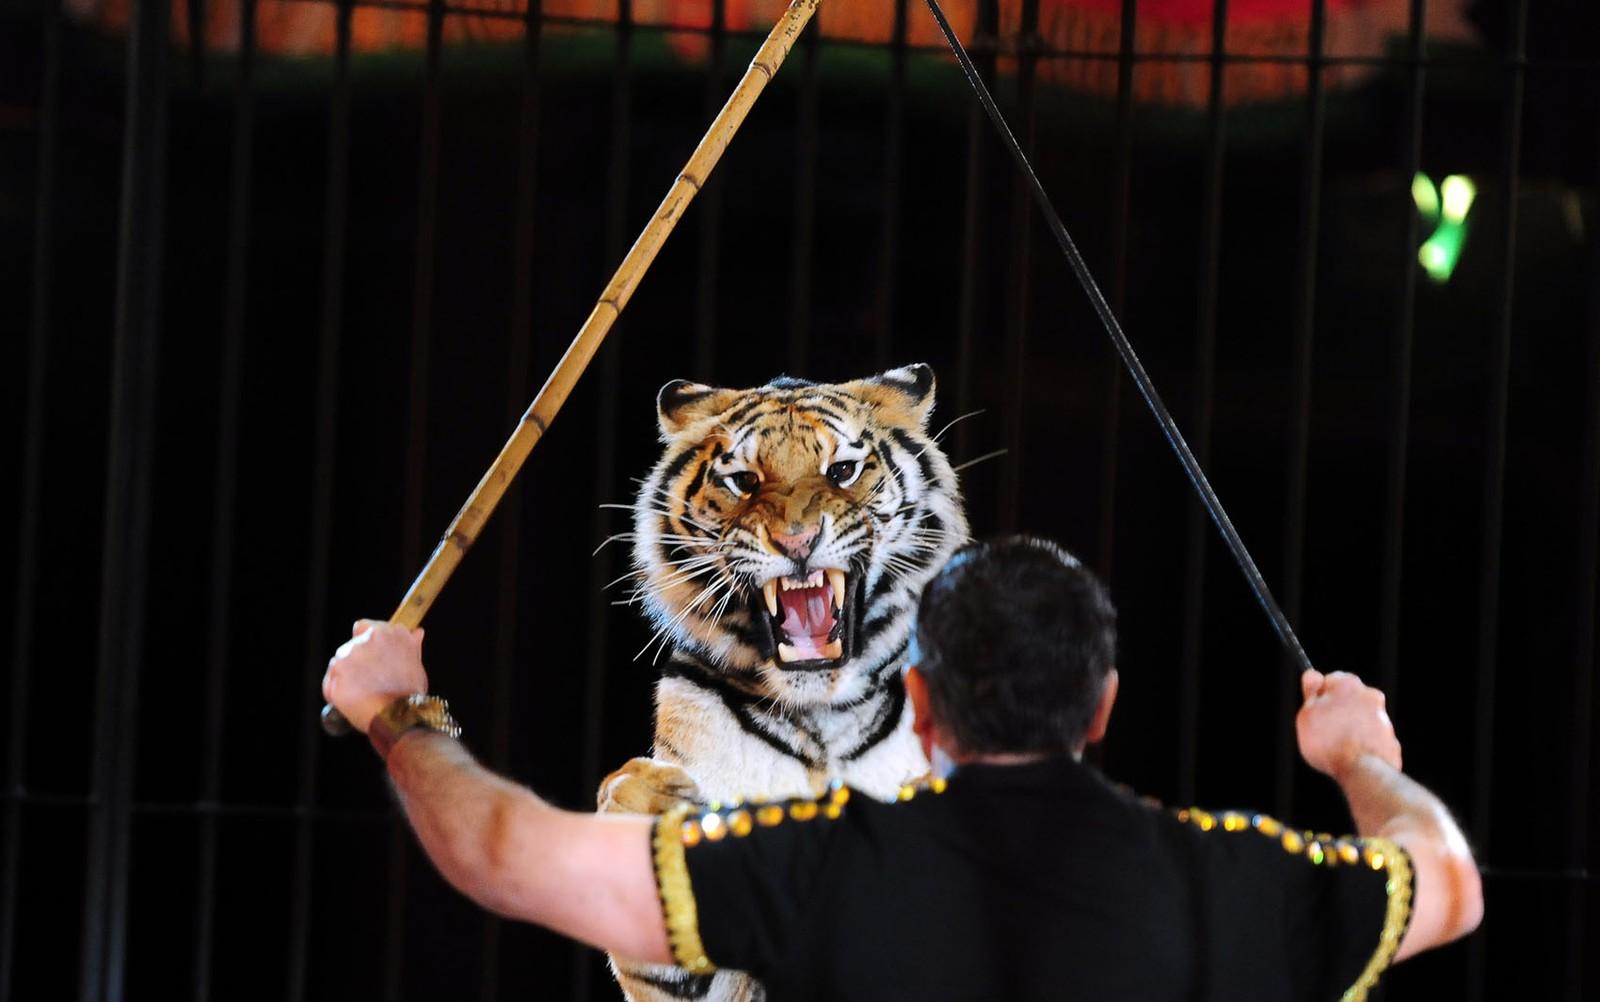 Domador de tigres da Itália é morto pelos animais durante treinamento